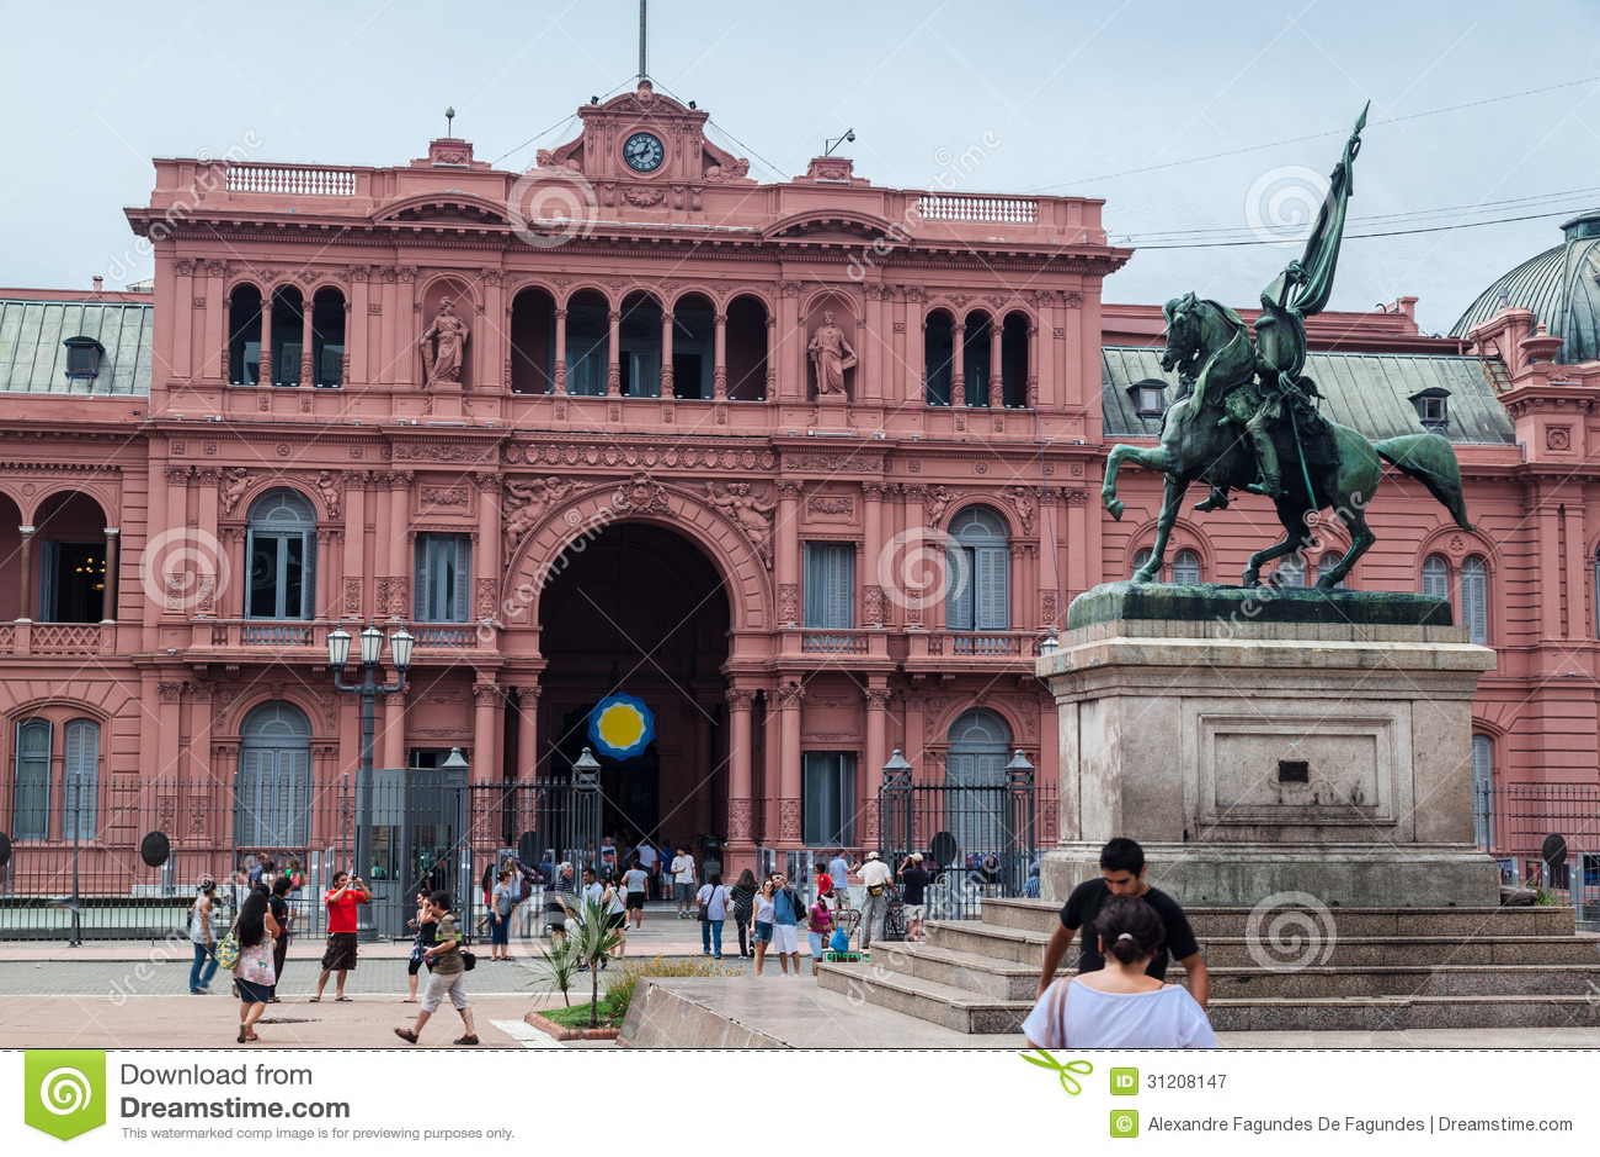 Belgrano general casa rosada argentina editorial for Casa argentina